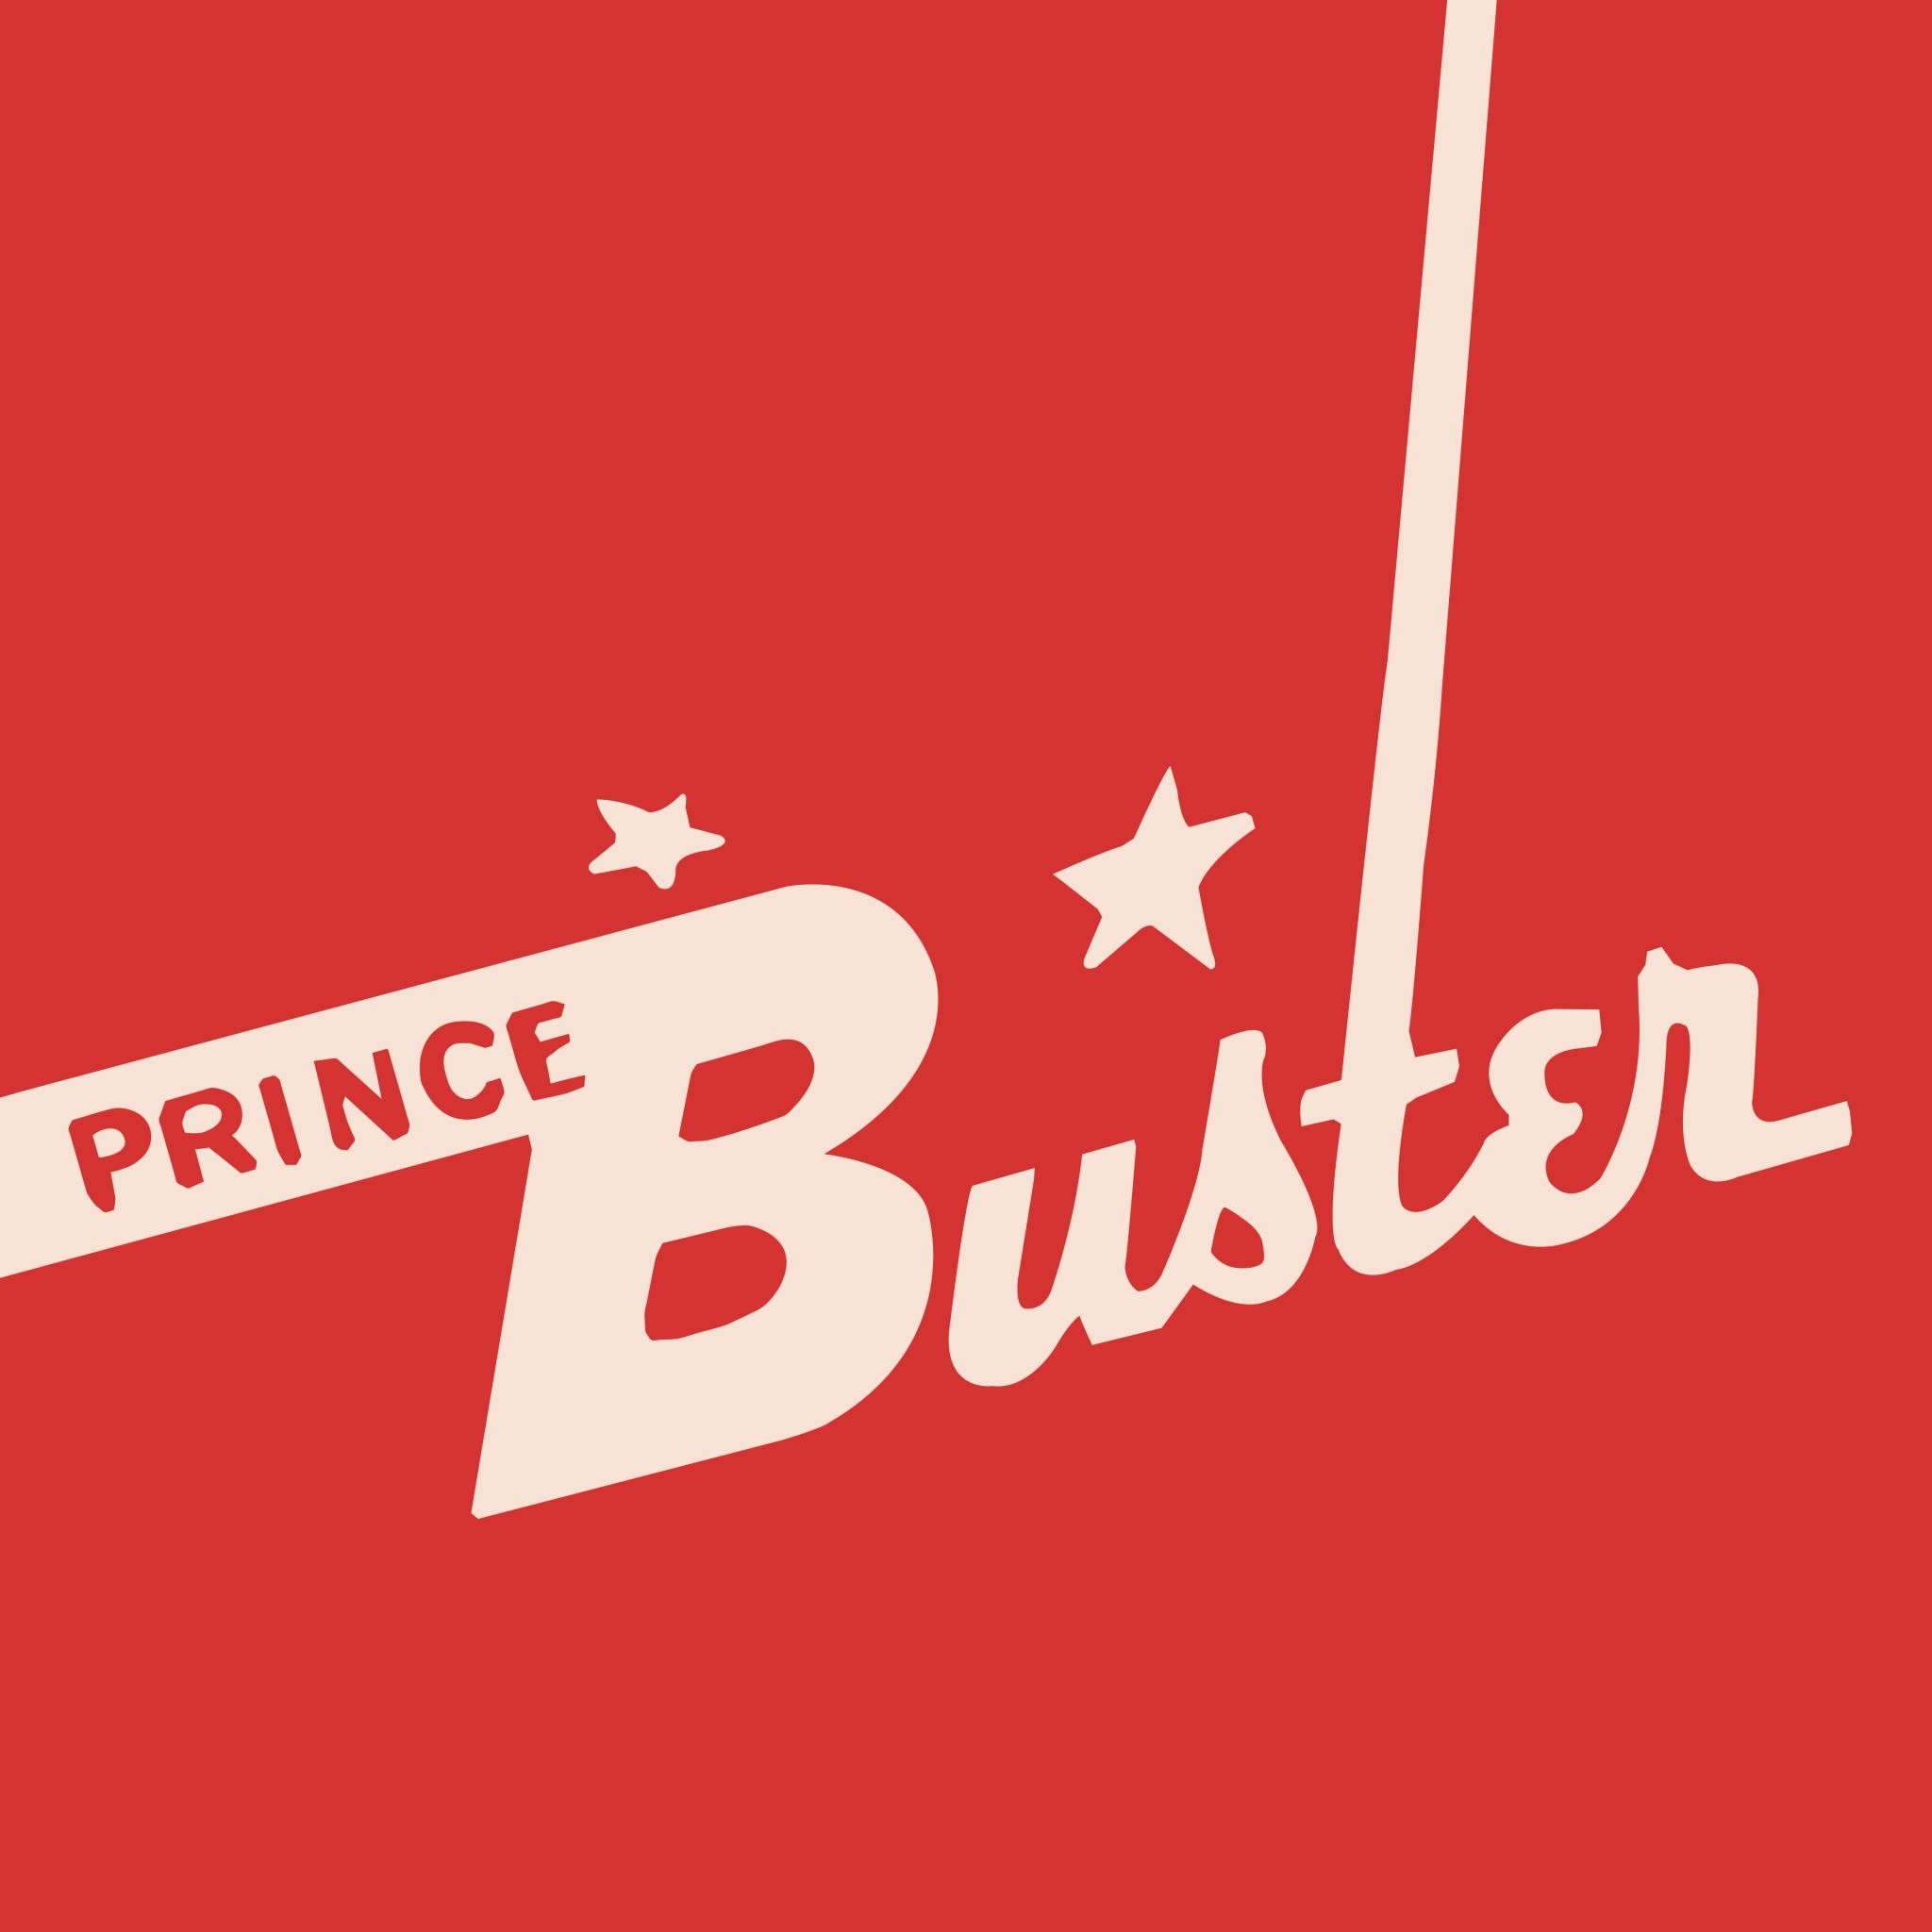 Prince Buster logo illustration